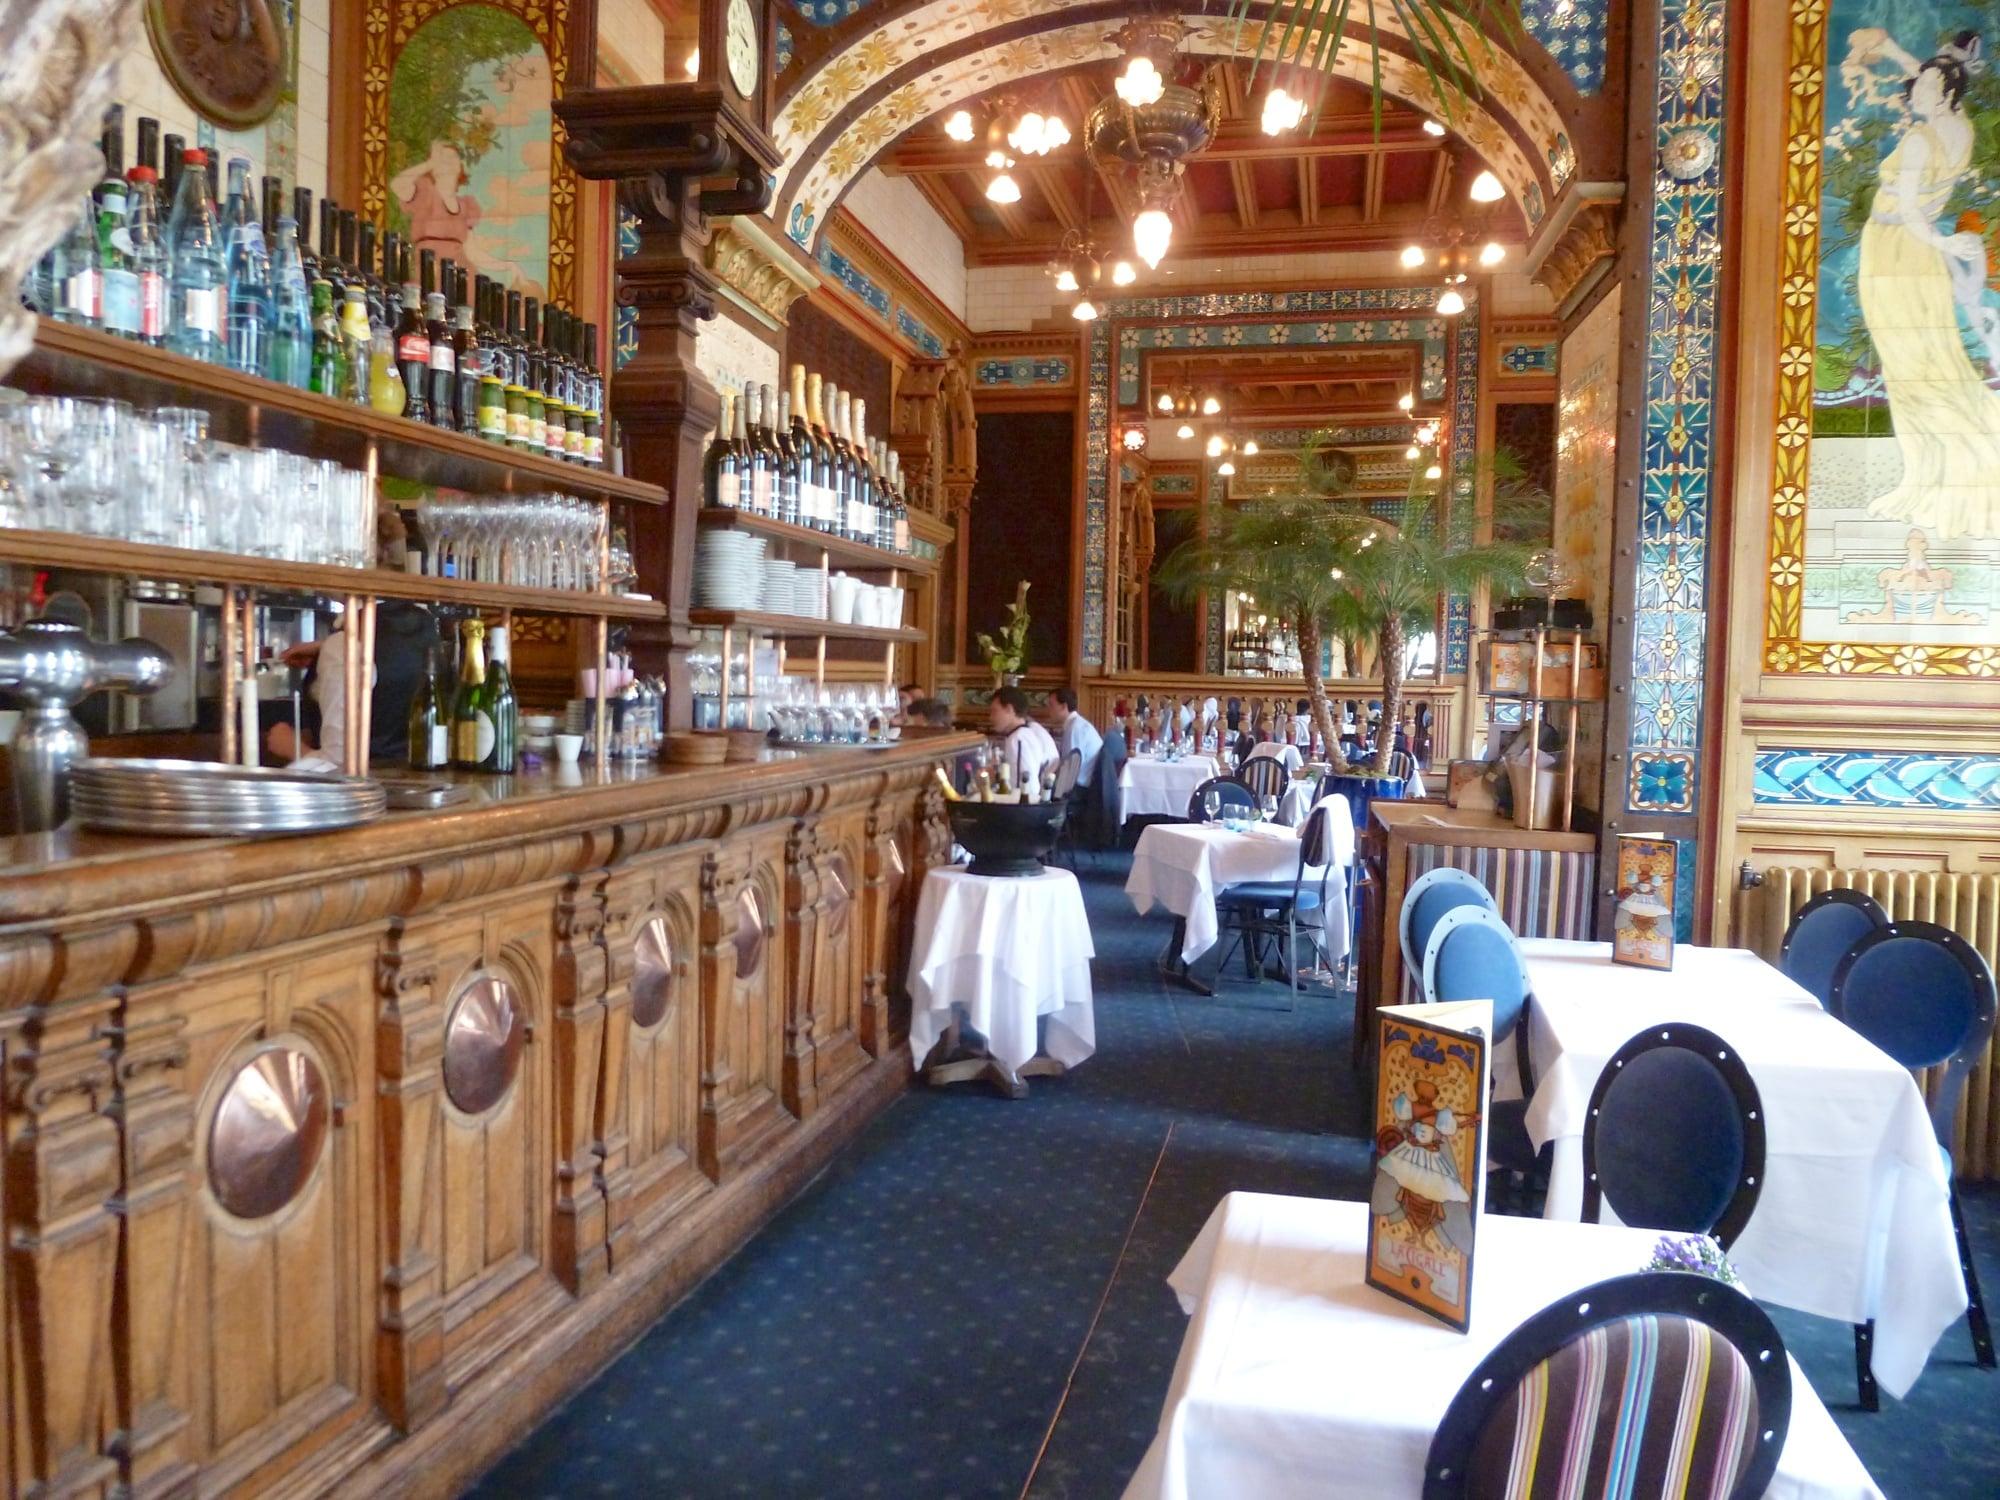 La brasserie la cigale une institution nantes - Dans la cuisine nantes ...